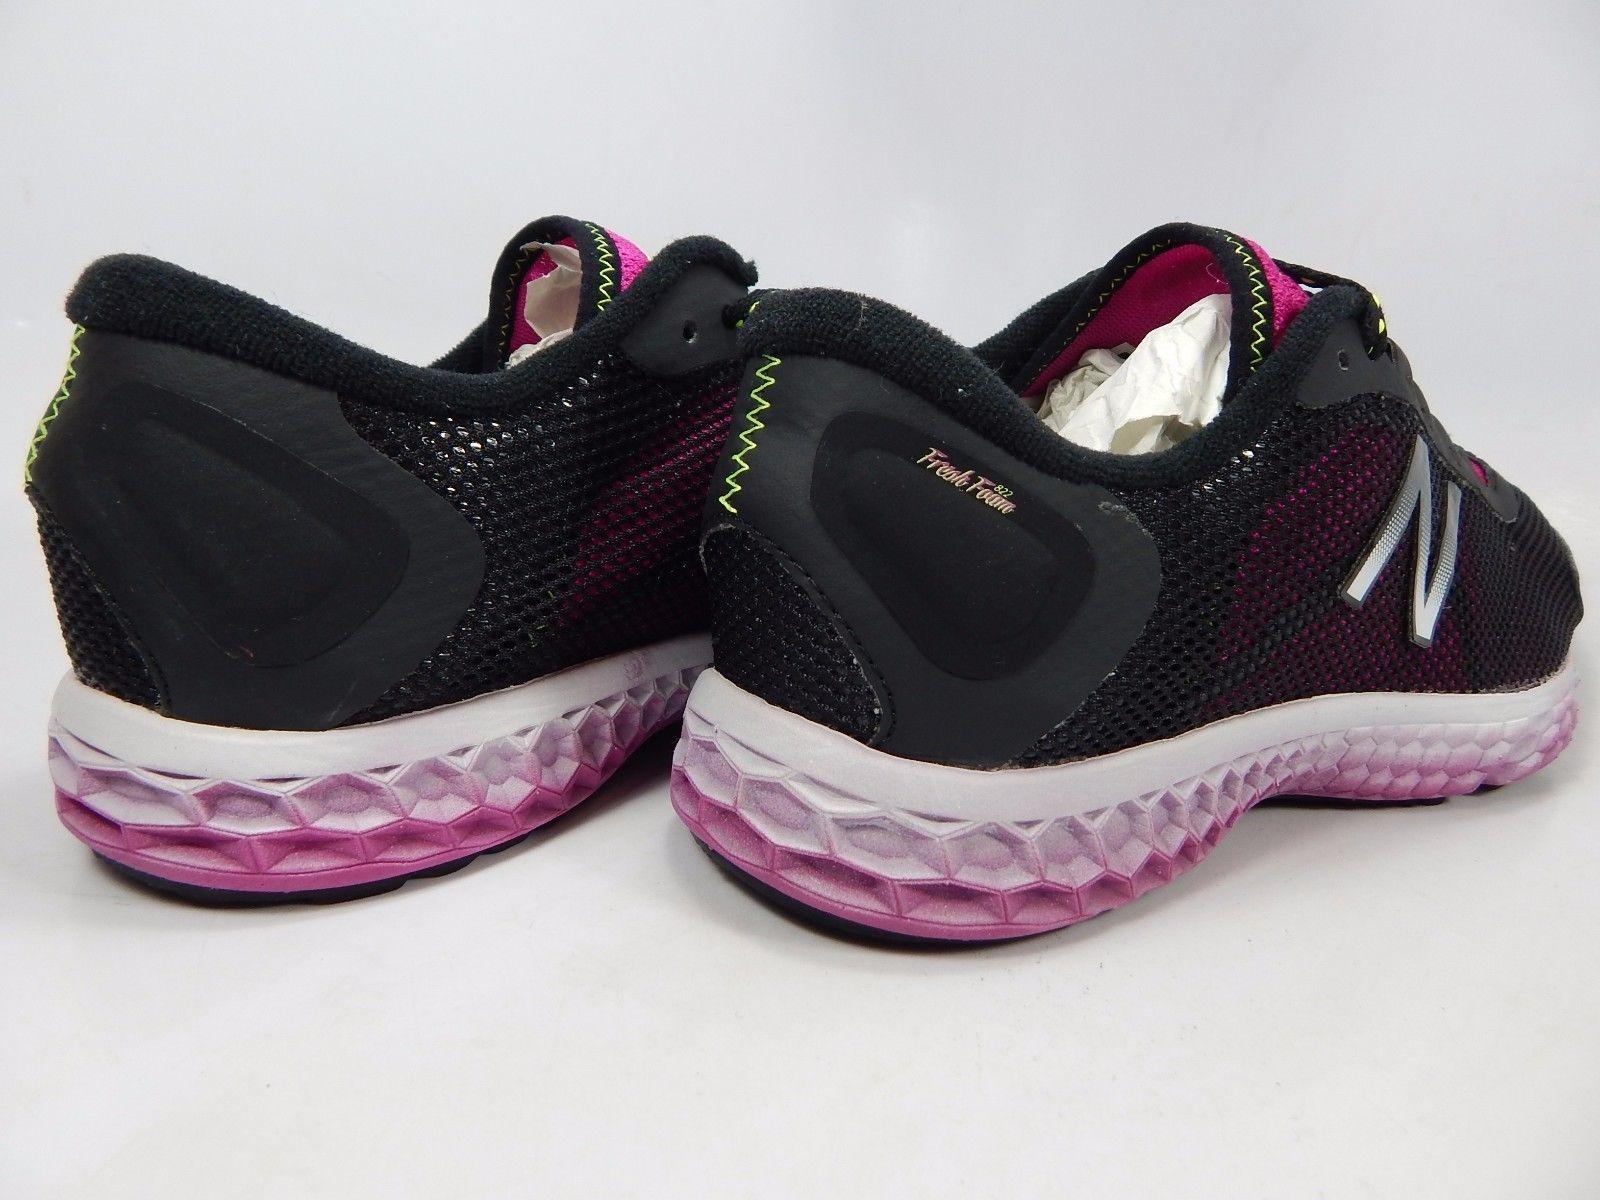 New Balance 822 Fresh Foam Women's Cross Training Shoes Size US 9 M (B) EU 40.5